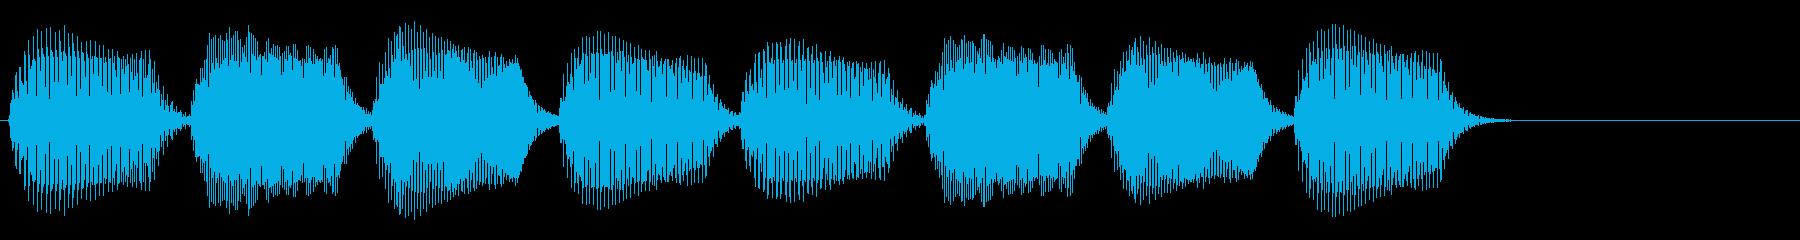 未来的・決定・空気感・取得14の再生済みの波形